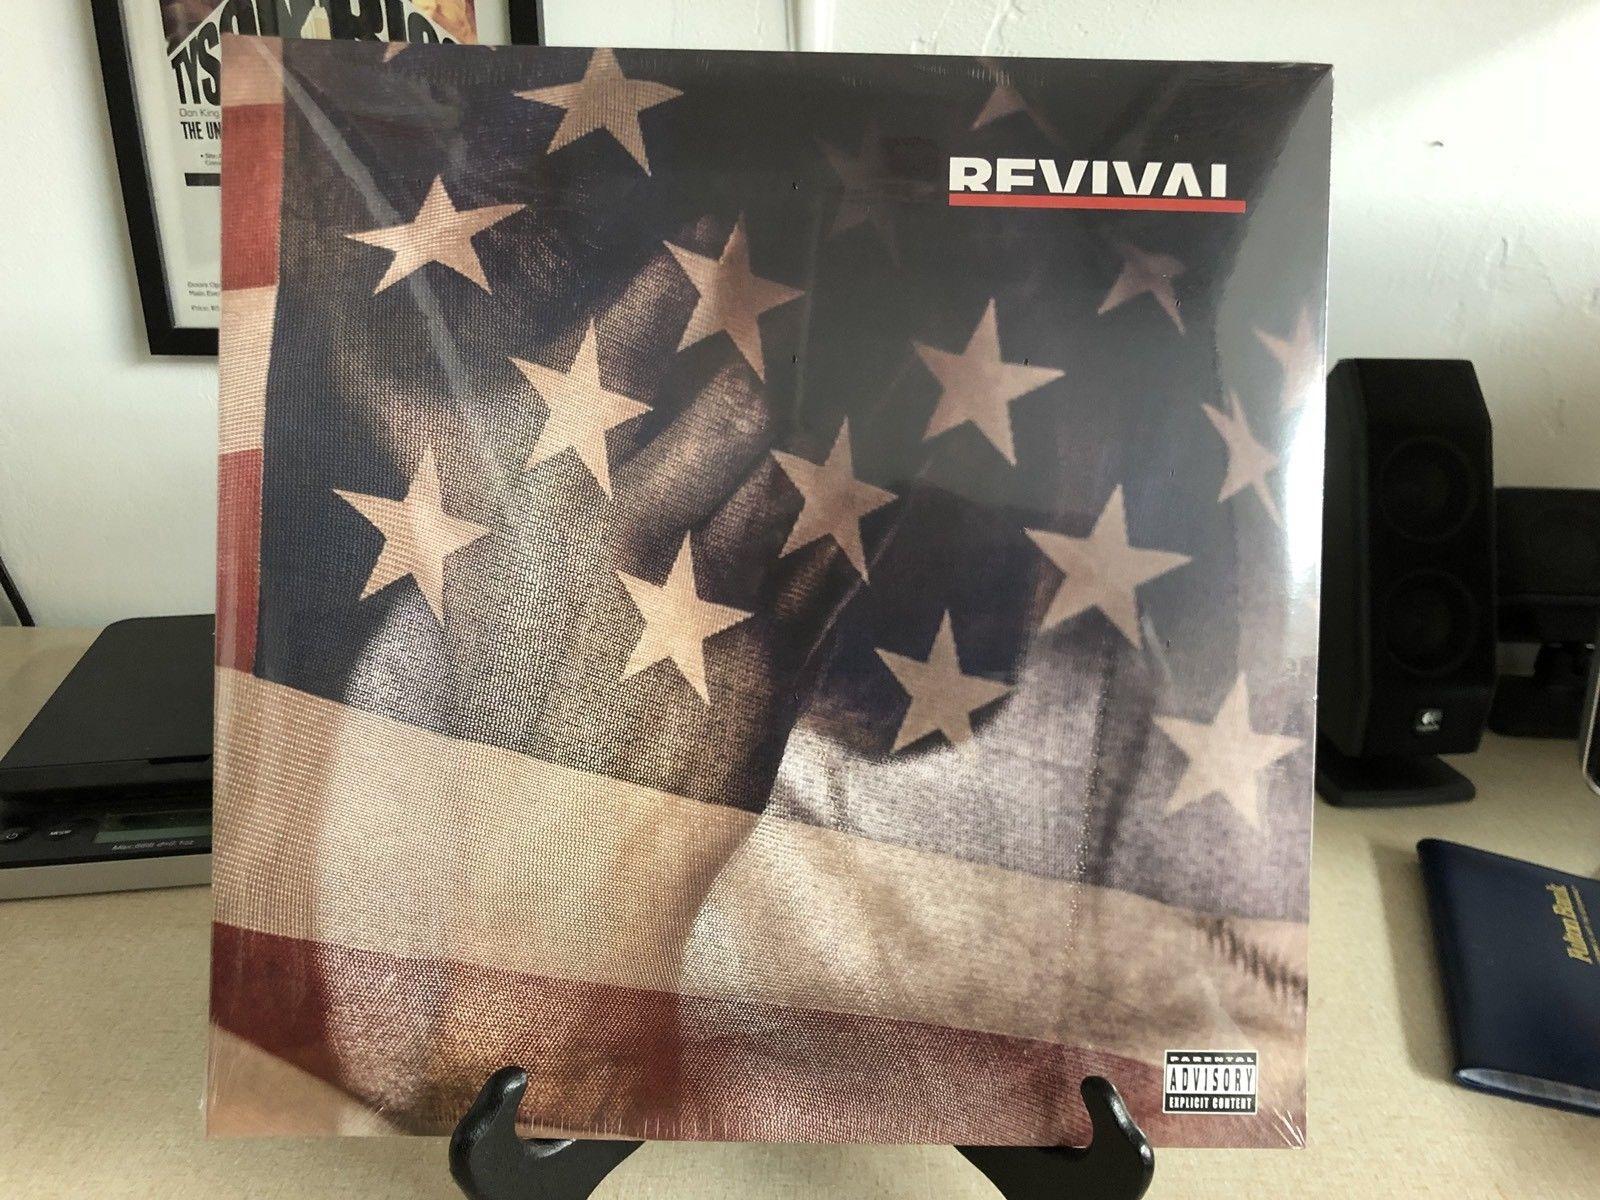 Альбом Эминема «Revival» вышел на виниле